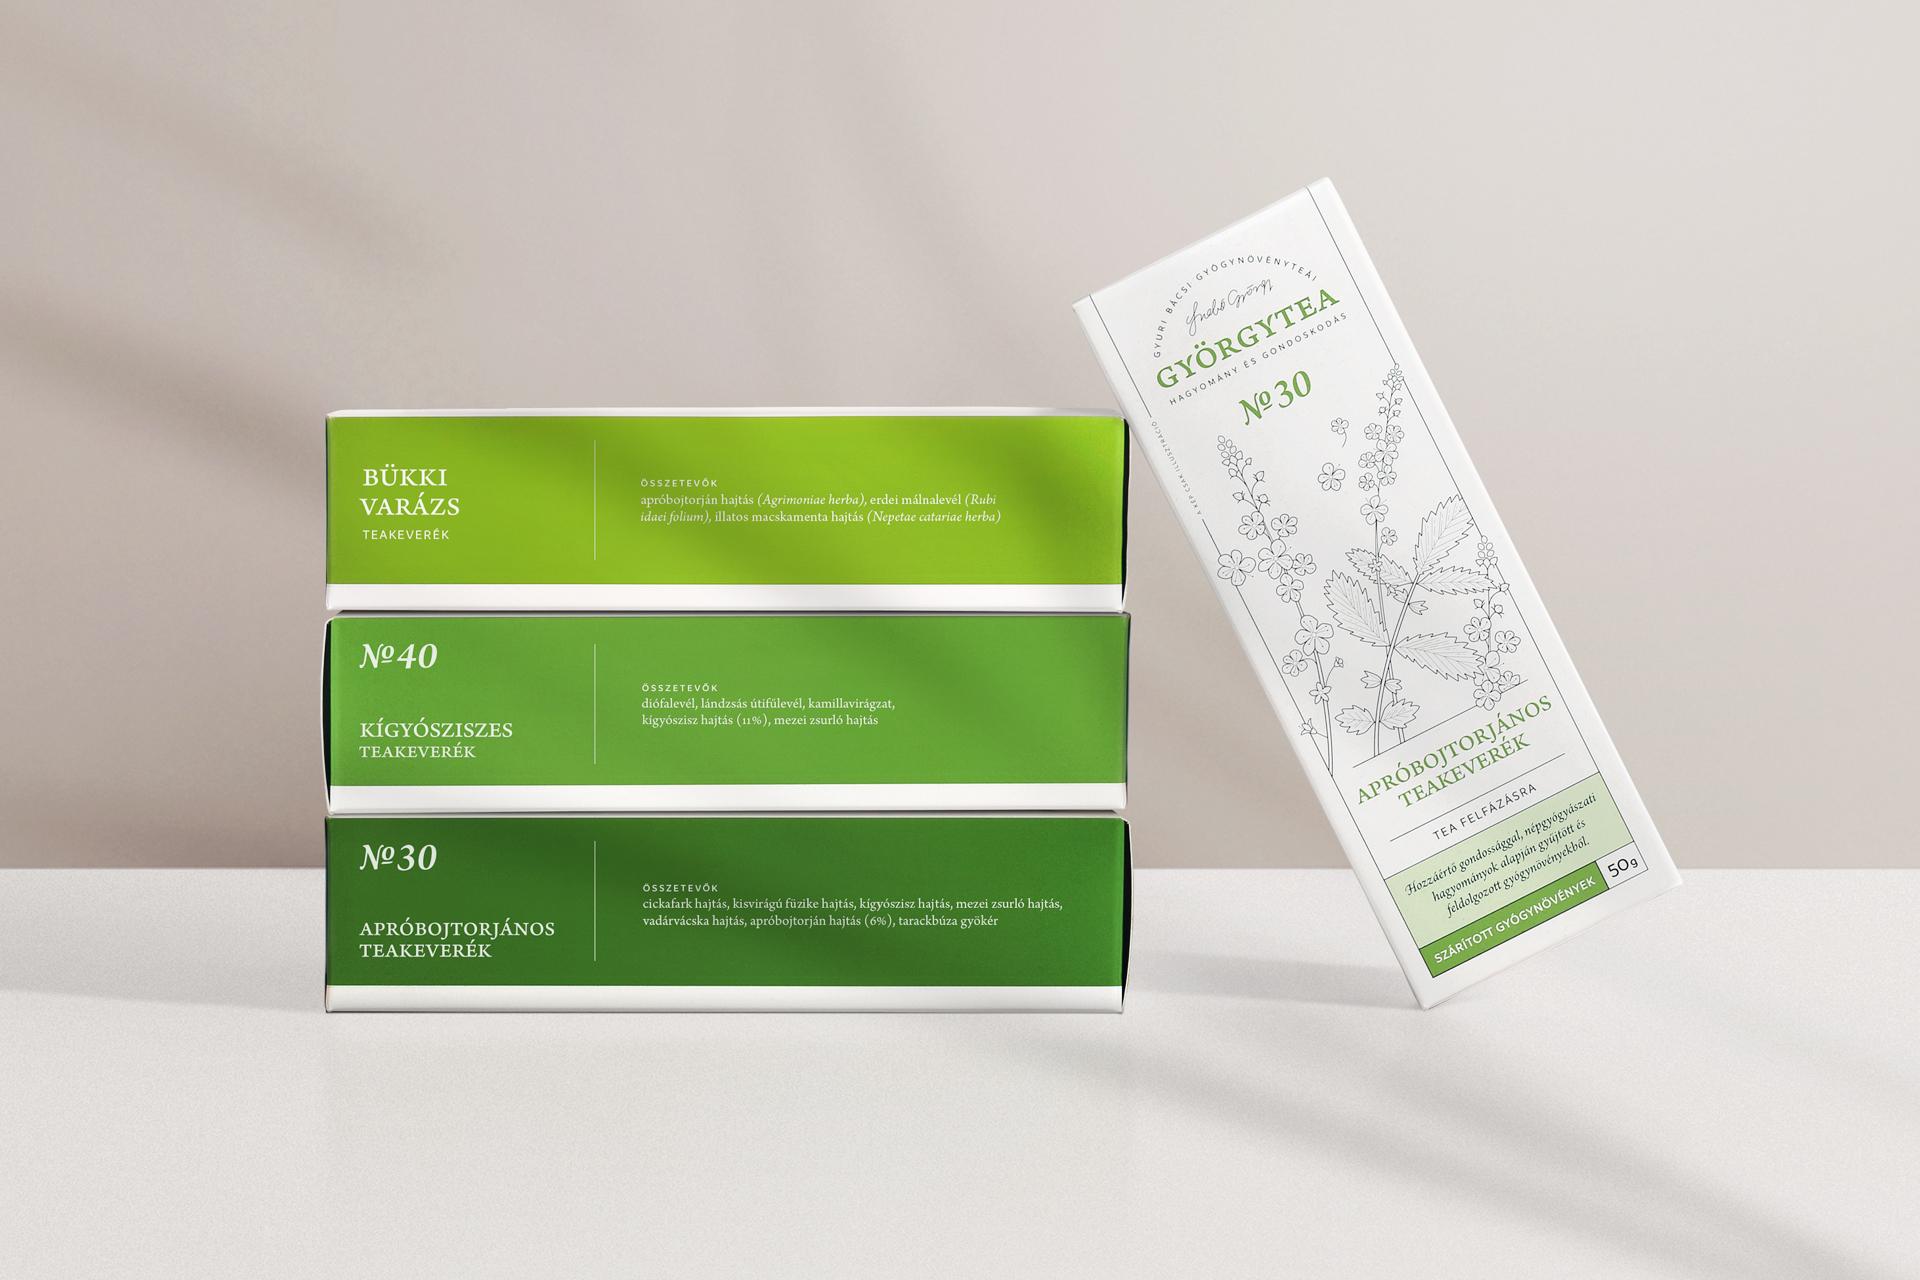 Györgytea Package Design